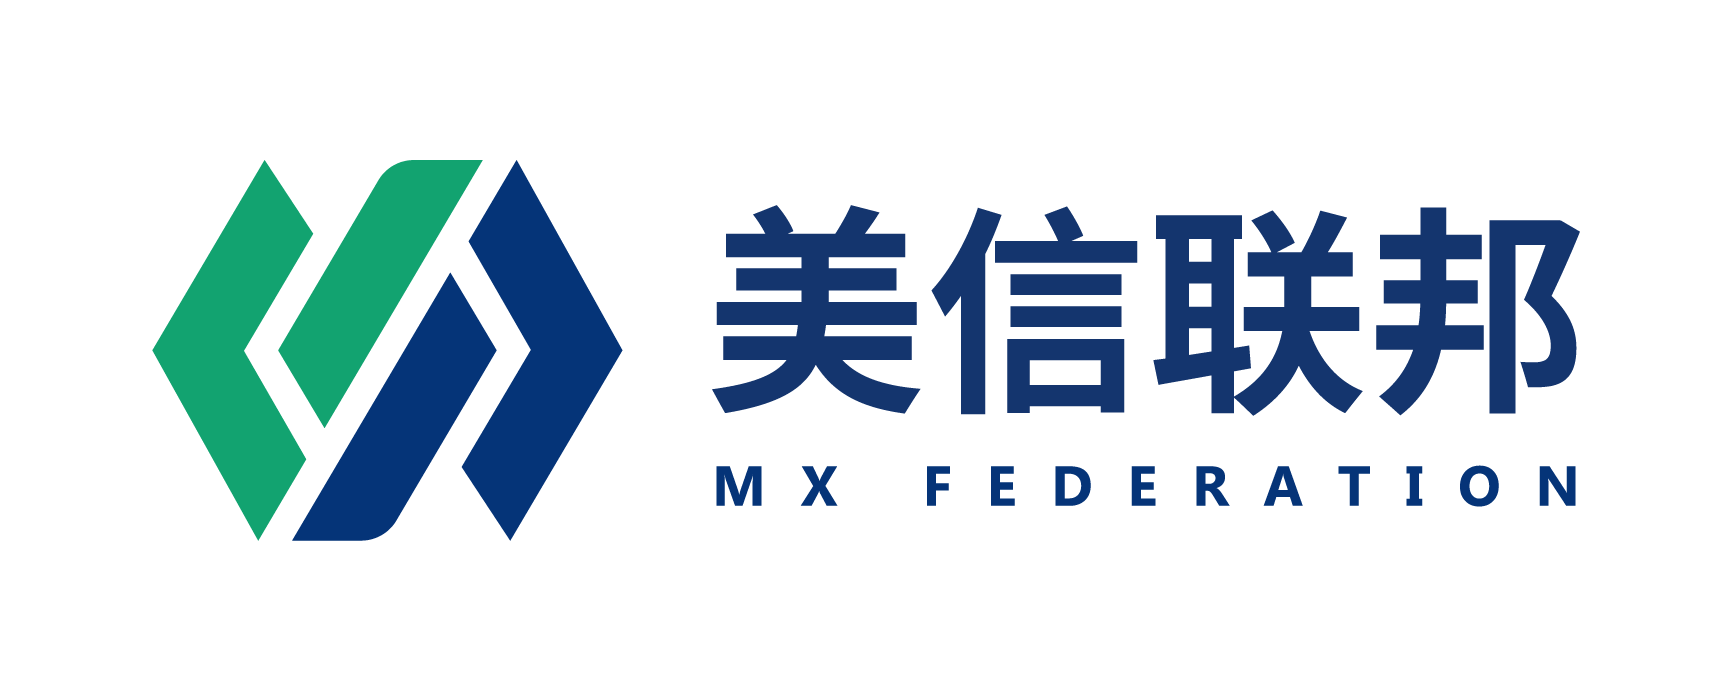 MX Federation